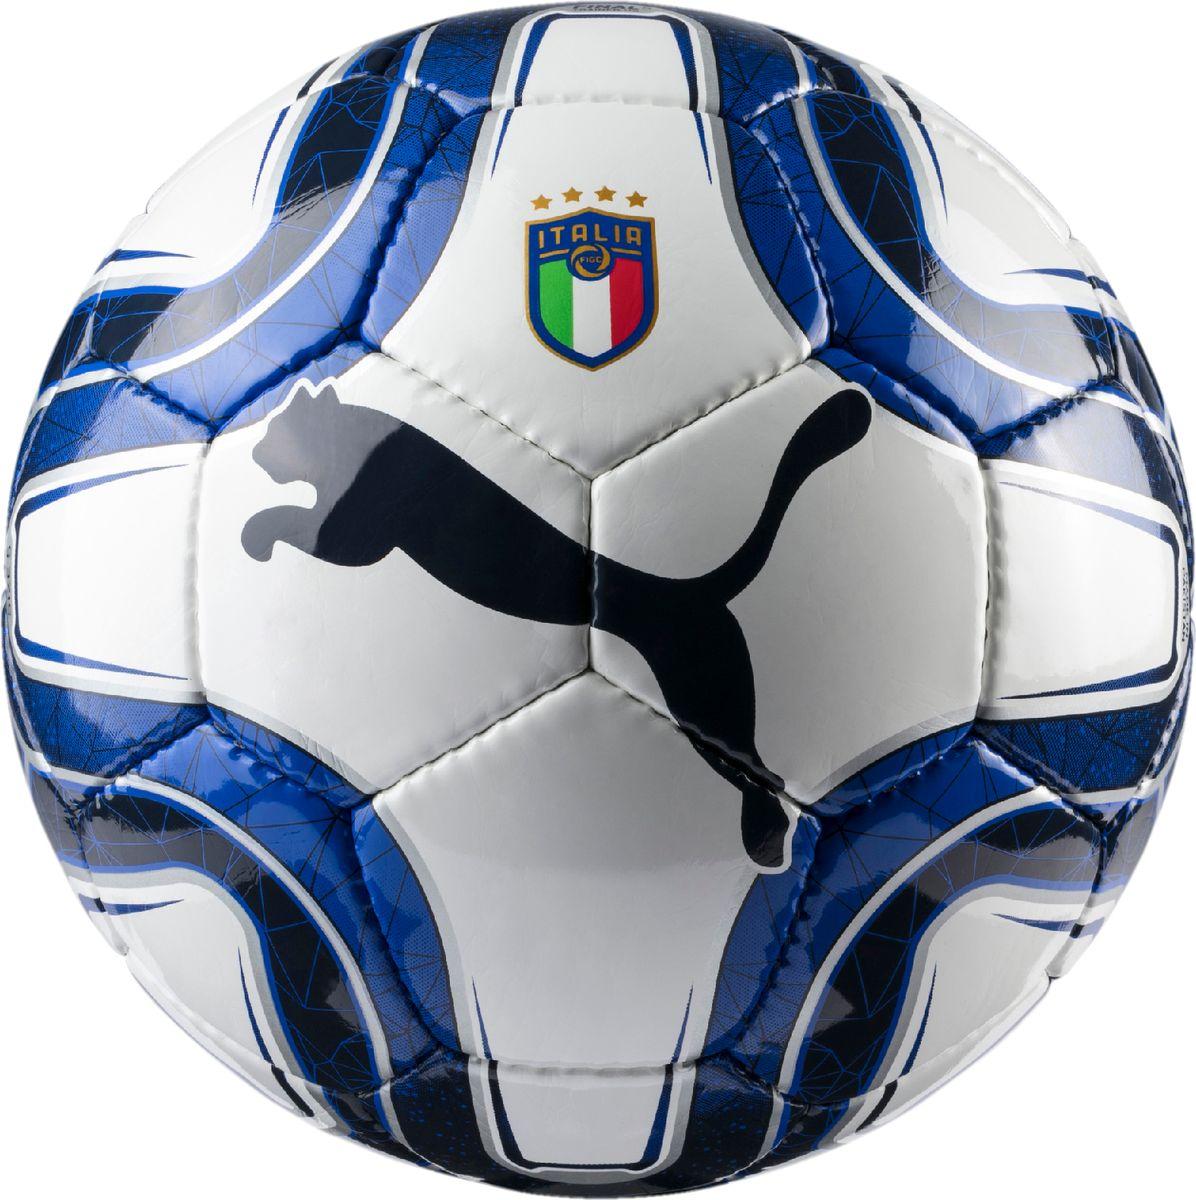 Мяч тренировочный Puma Italia Final 5 HS Trainer, цвет: лазурный08295101Футбольный мяч для тренировок со сшитыми вручную панелями полностью воспроизводит мяч для профессионалов. Он изготовлен из 32 панелей с одинаковой площадью поверхности для уменьшения нагрузки на швы и придания ему идеально круглой формы. Панели имеют многослойную тканевую подложку для большей стабильности, износостойкости и улучшения аэродинамики. Латексная камера в сочетании с клапаном PUMA AIR LOCK препятствуют утечке воздуха. На данный мяч предоставляется гарантия сохранения формы в течение года.